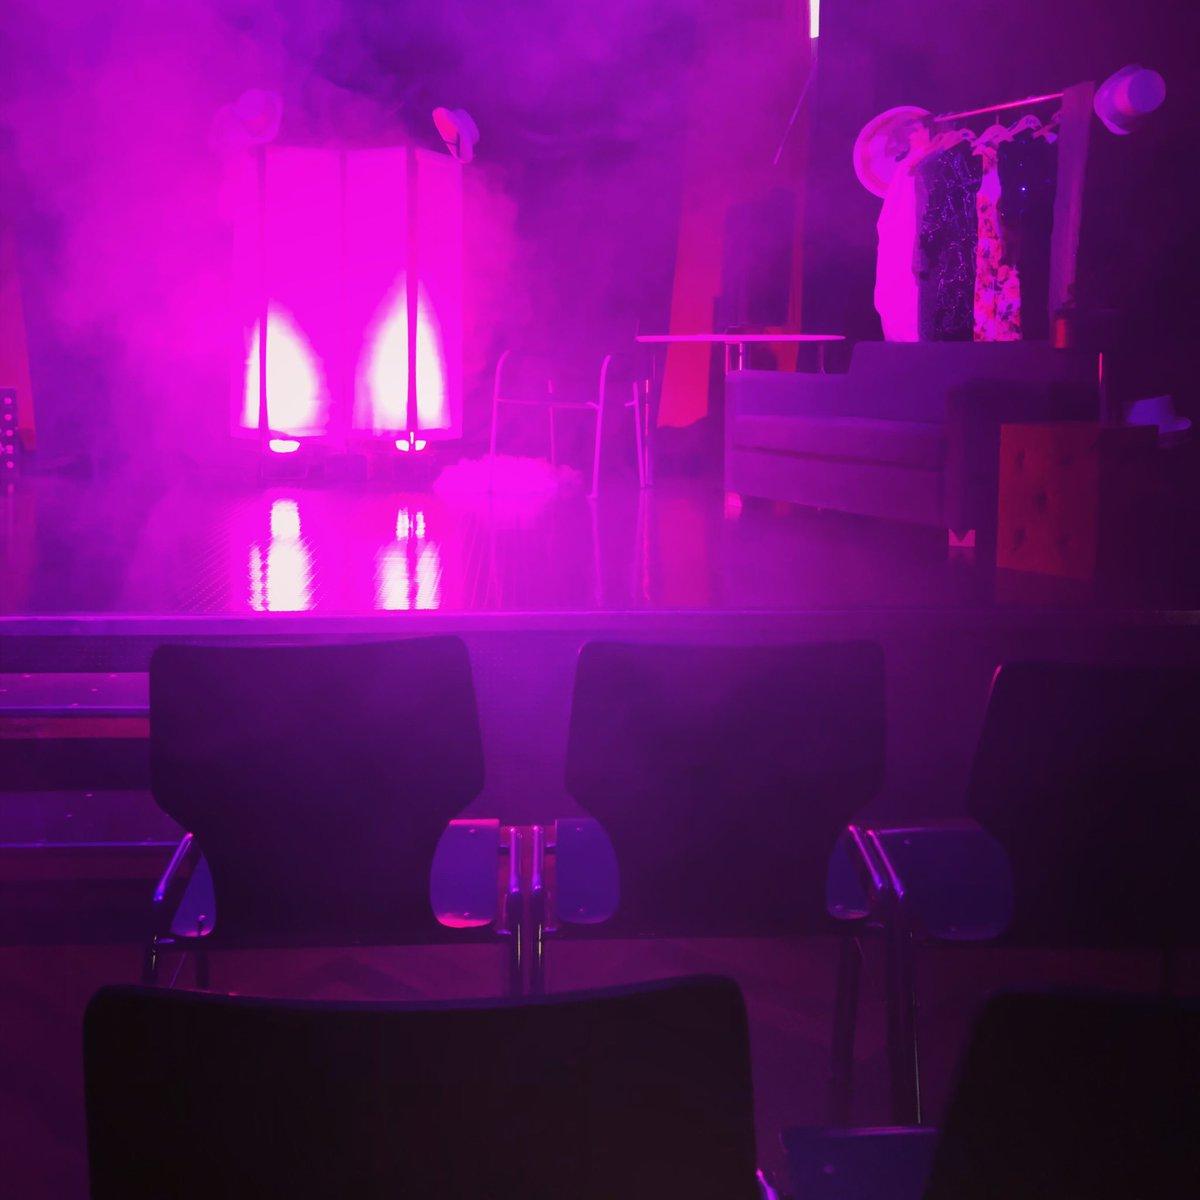 Die Bühne steht bereit! Das #kulturhighlight im Norden der Stadt heißt: #theatermimus ! Achtung Showbusiness- 20:00 Uhr im PROVISORIUM im HDJ #bramfeld. Alle Infos auf unserer Internetseite. #theater #impro #improvisationstheater #esgibtnochkarten #hamburg #startinswochenendepic.twitter.com/uLfJT96dVp